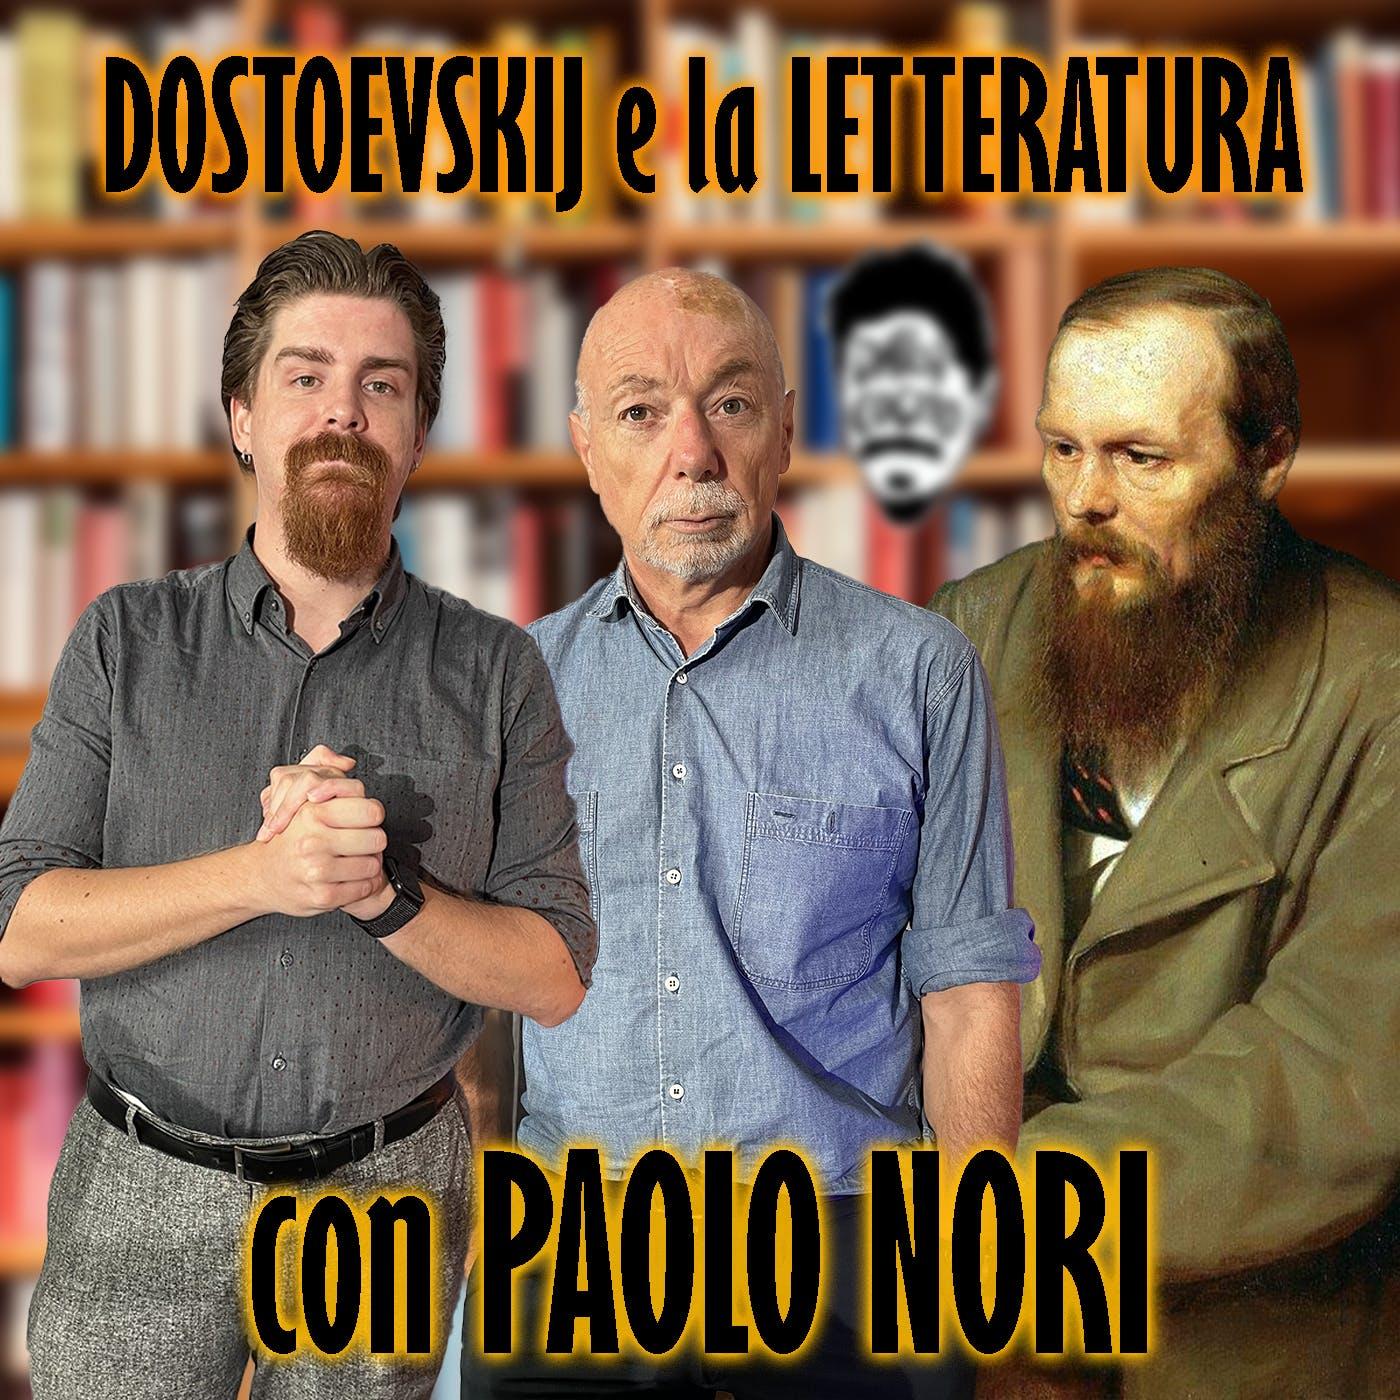 Dostoevskij, tra Letteratura e Umanità - con PAOLO NORI